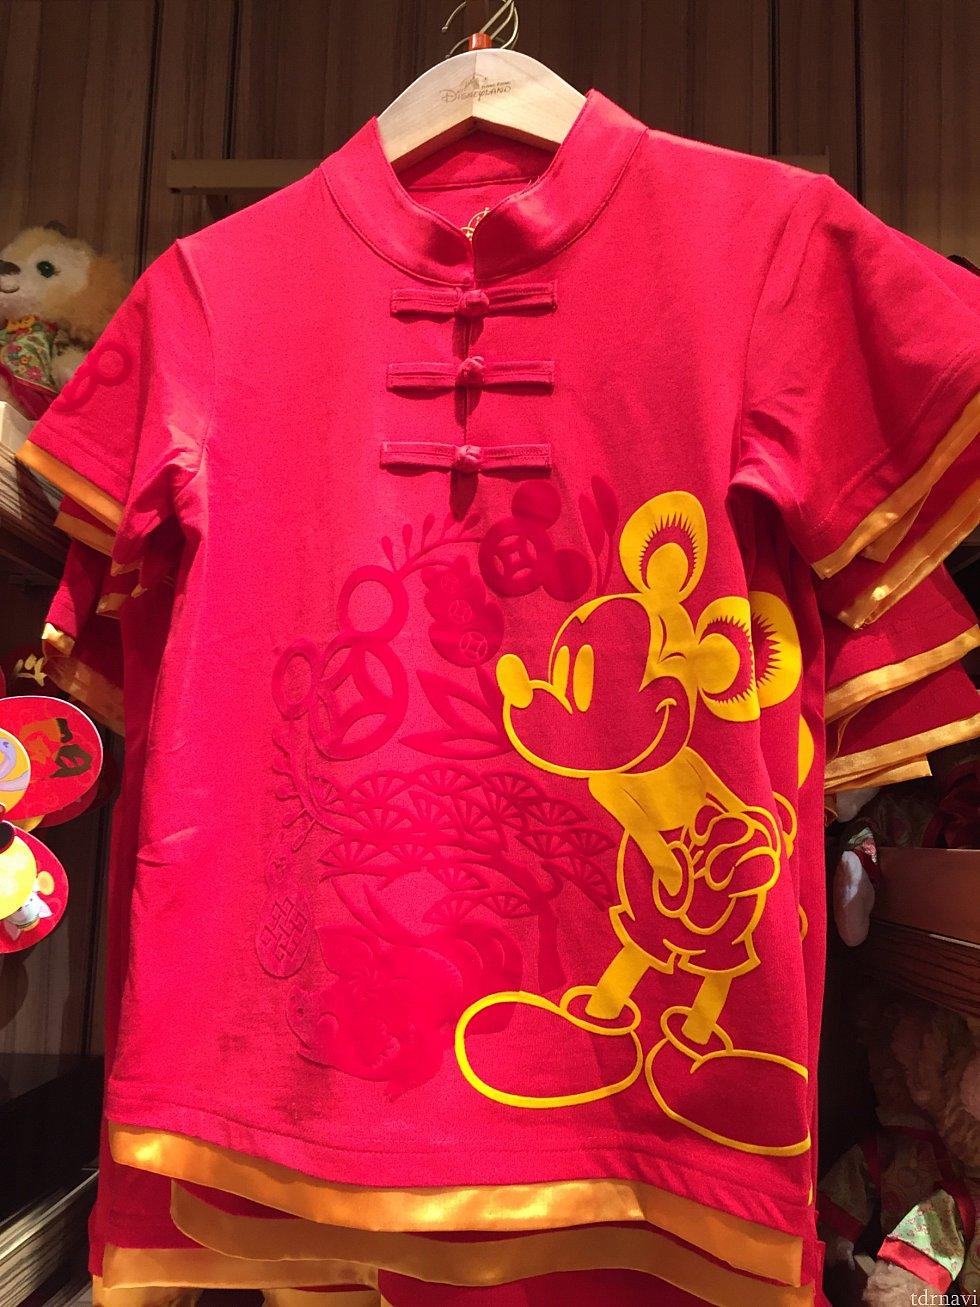 大人用TシャツHK$218 下をどう合わせるべきか悩みますが、せっかくなので買いました!!笑 ミッキー達とのグリーティングが楽しみです💖